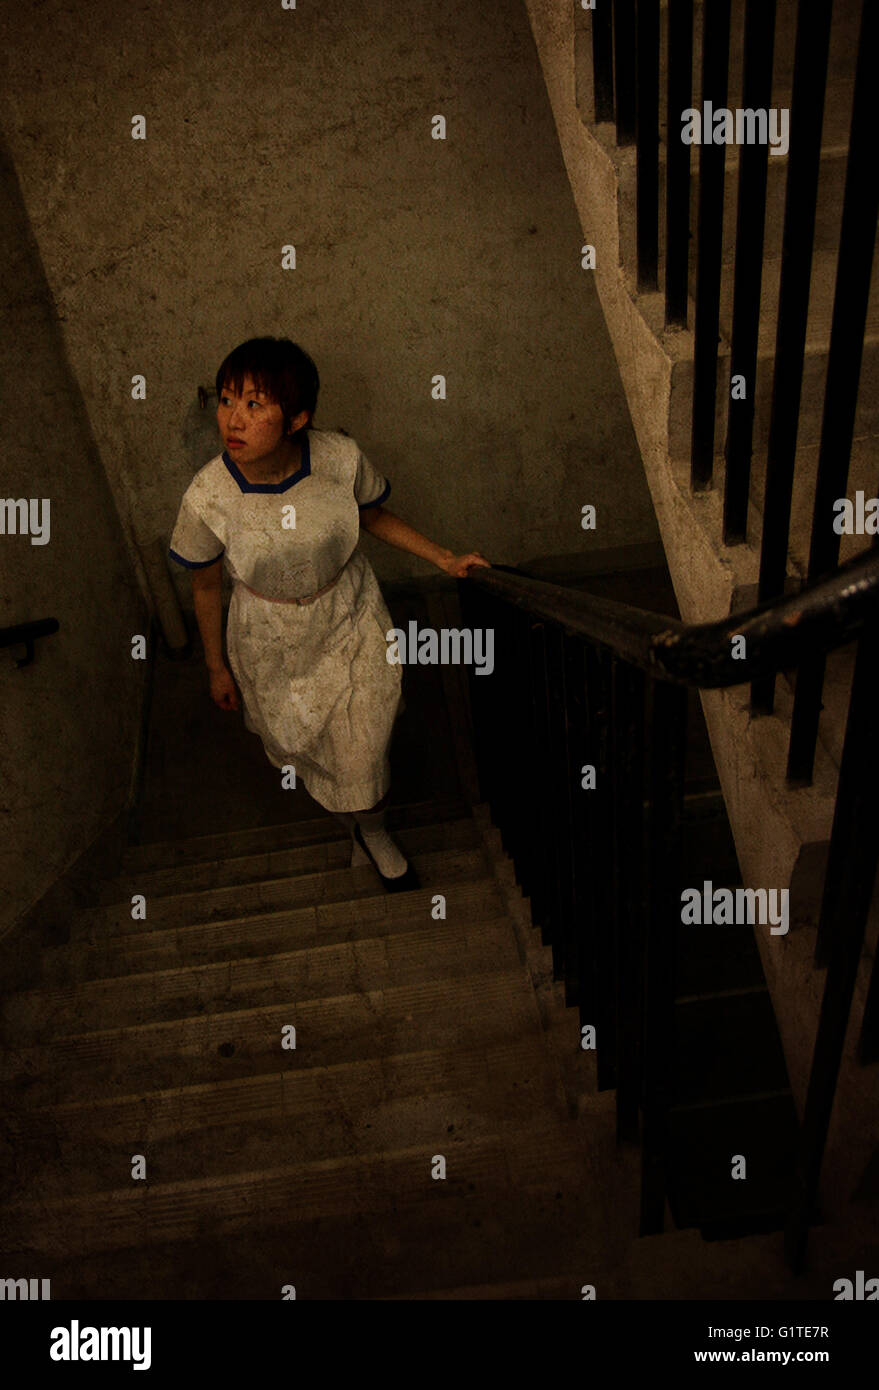 eine Mädchen Klettern Treppe Ruine chinesische Gespenstergeschichte schreckliche Angst Traum Angreifer Mord Stockbild